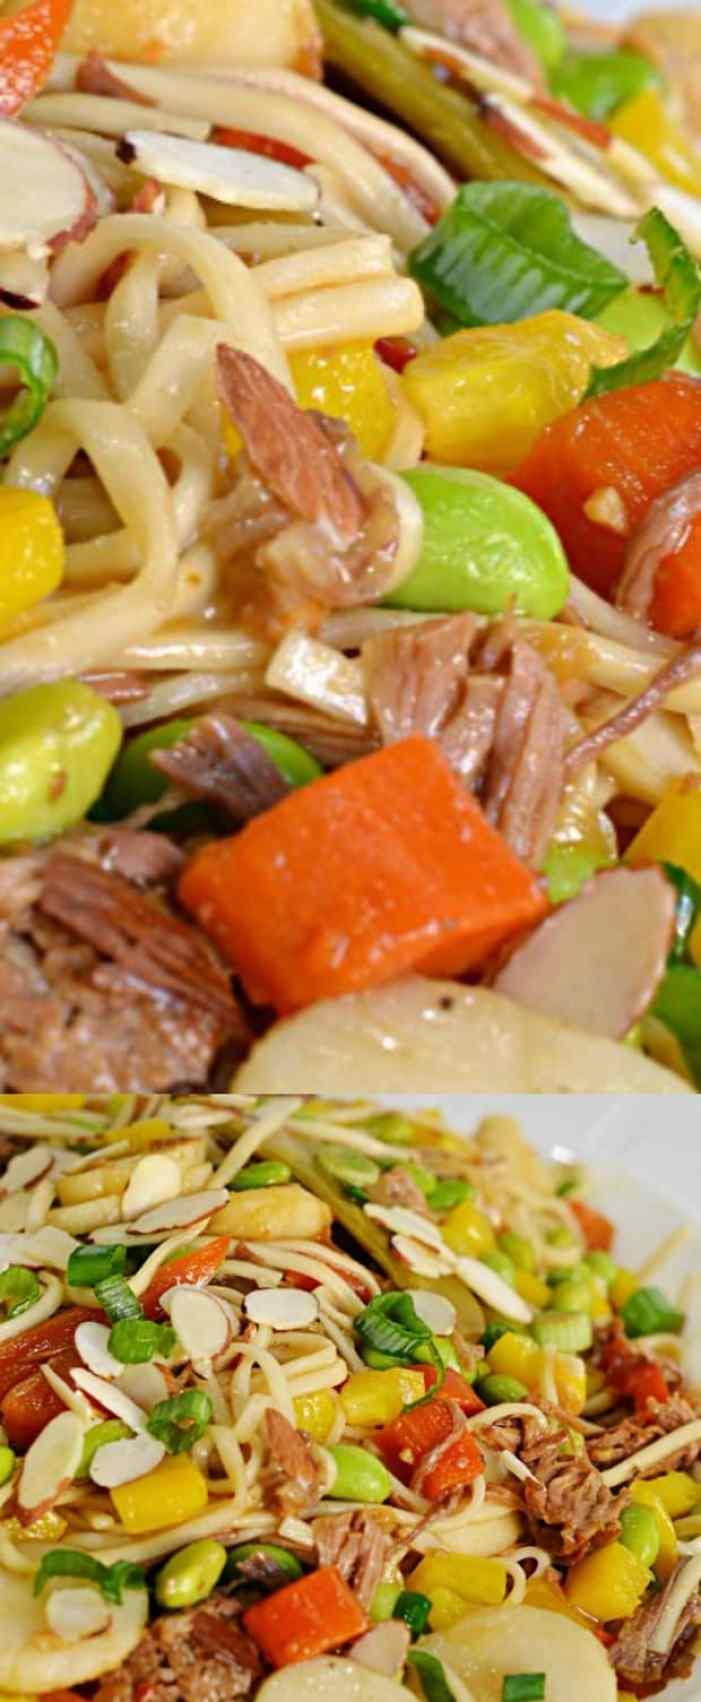 Asian Noodle Bowl longpin